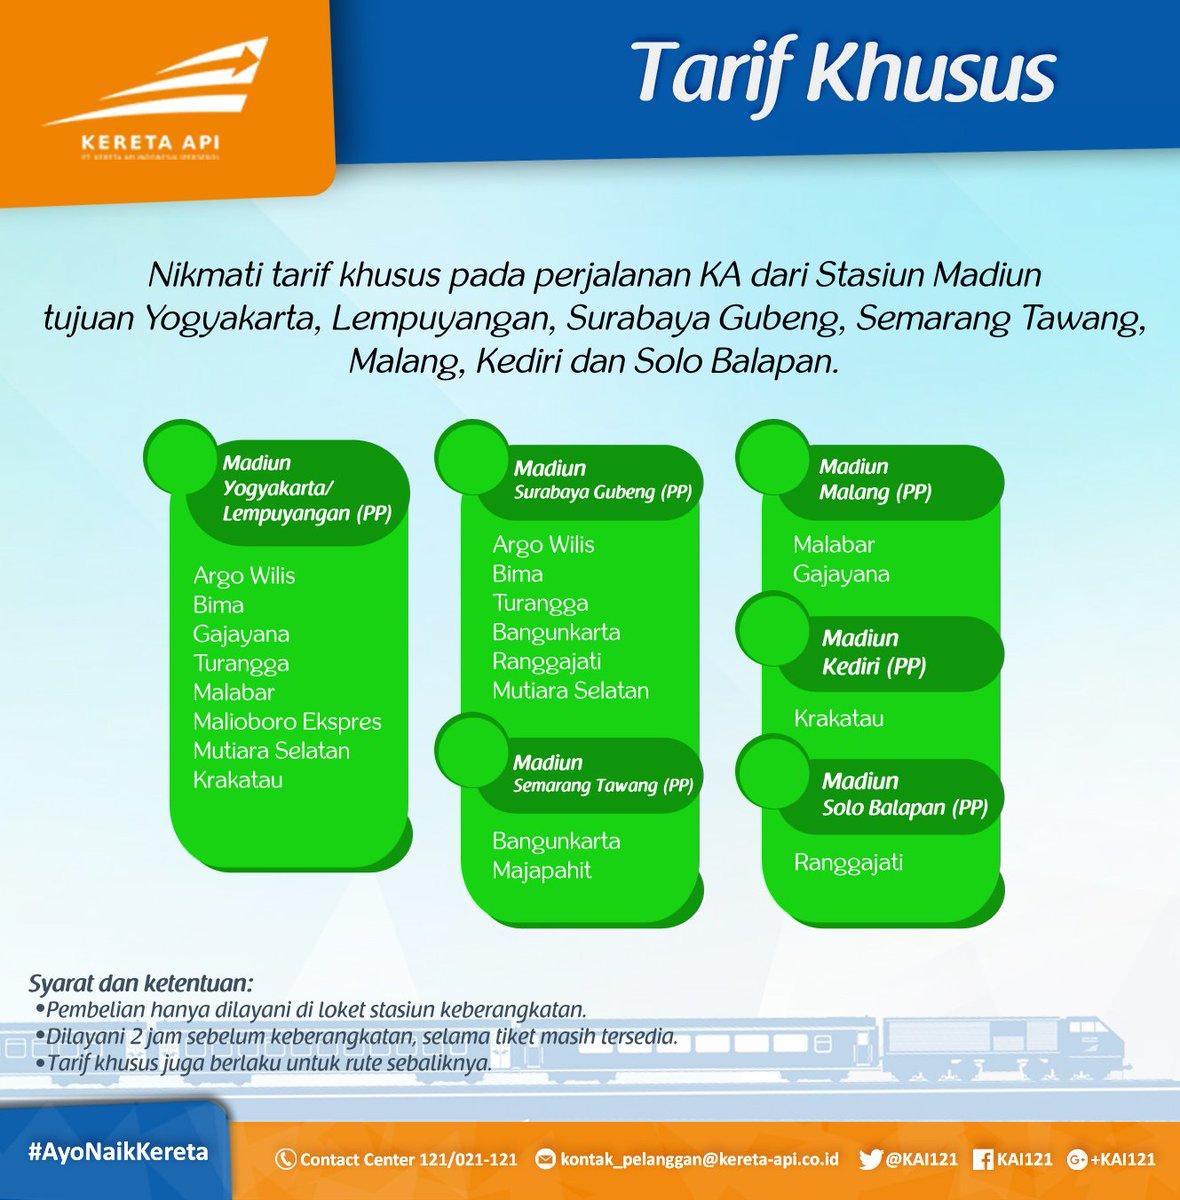 kereta api indonesia on twitter tarif khusus untuk sahabatkai di rh twitter com